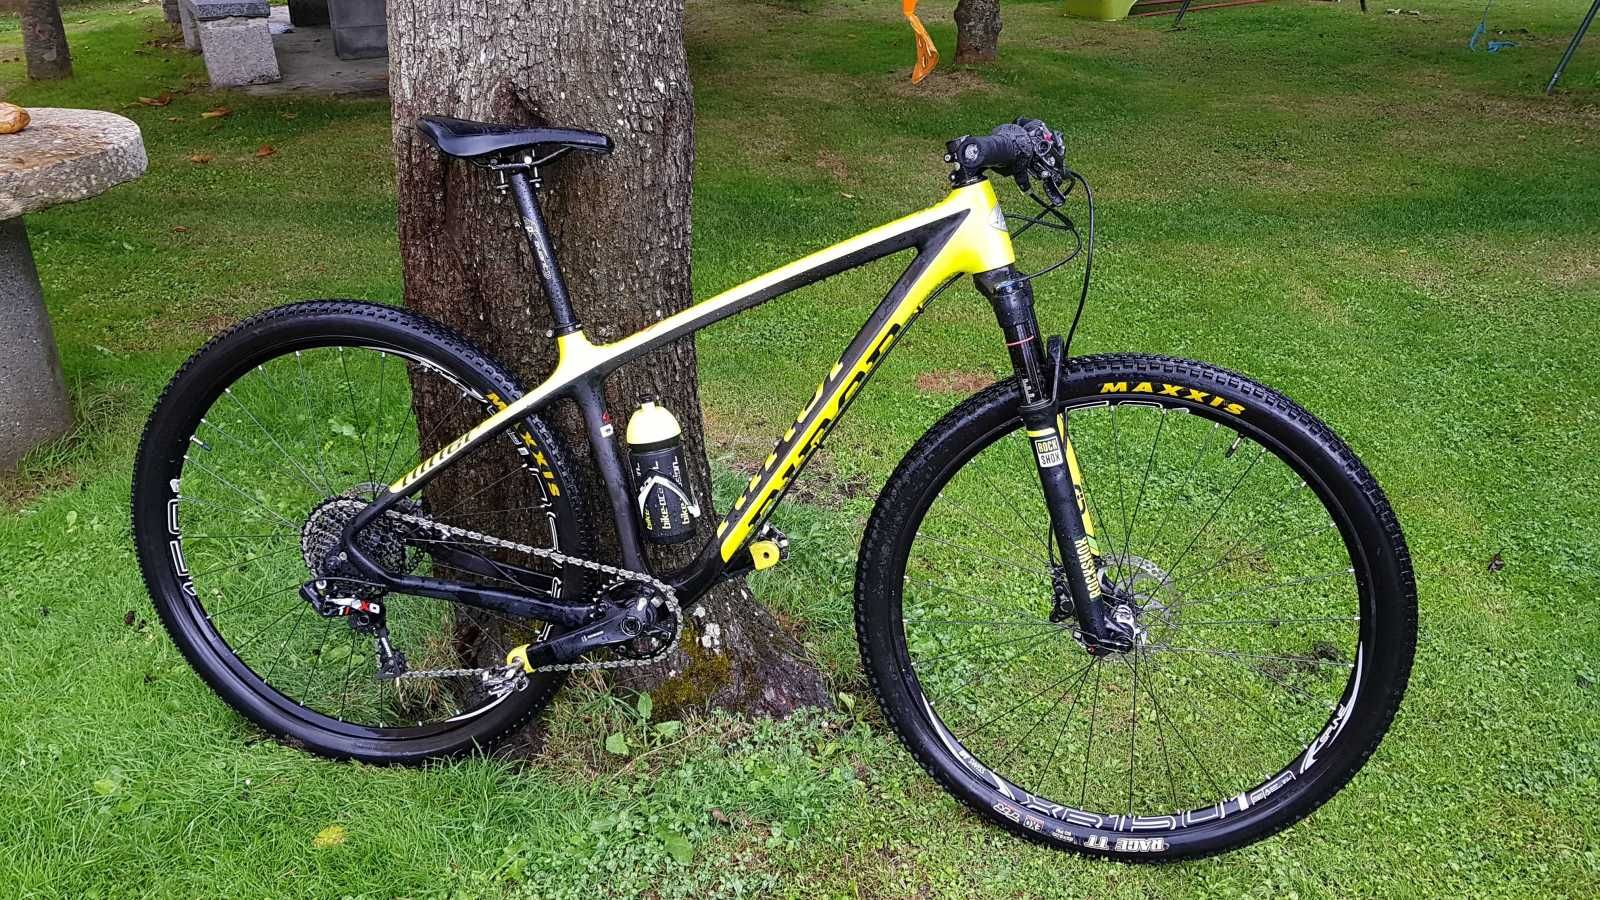 Bicicleta de montaña Niner AIR 9 RDO. Ref 36600. Talla M